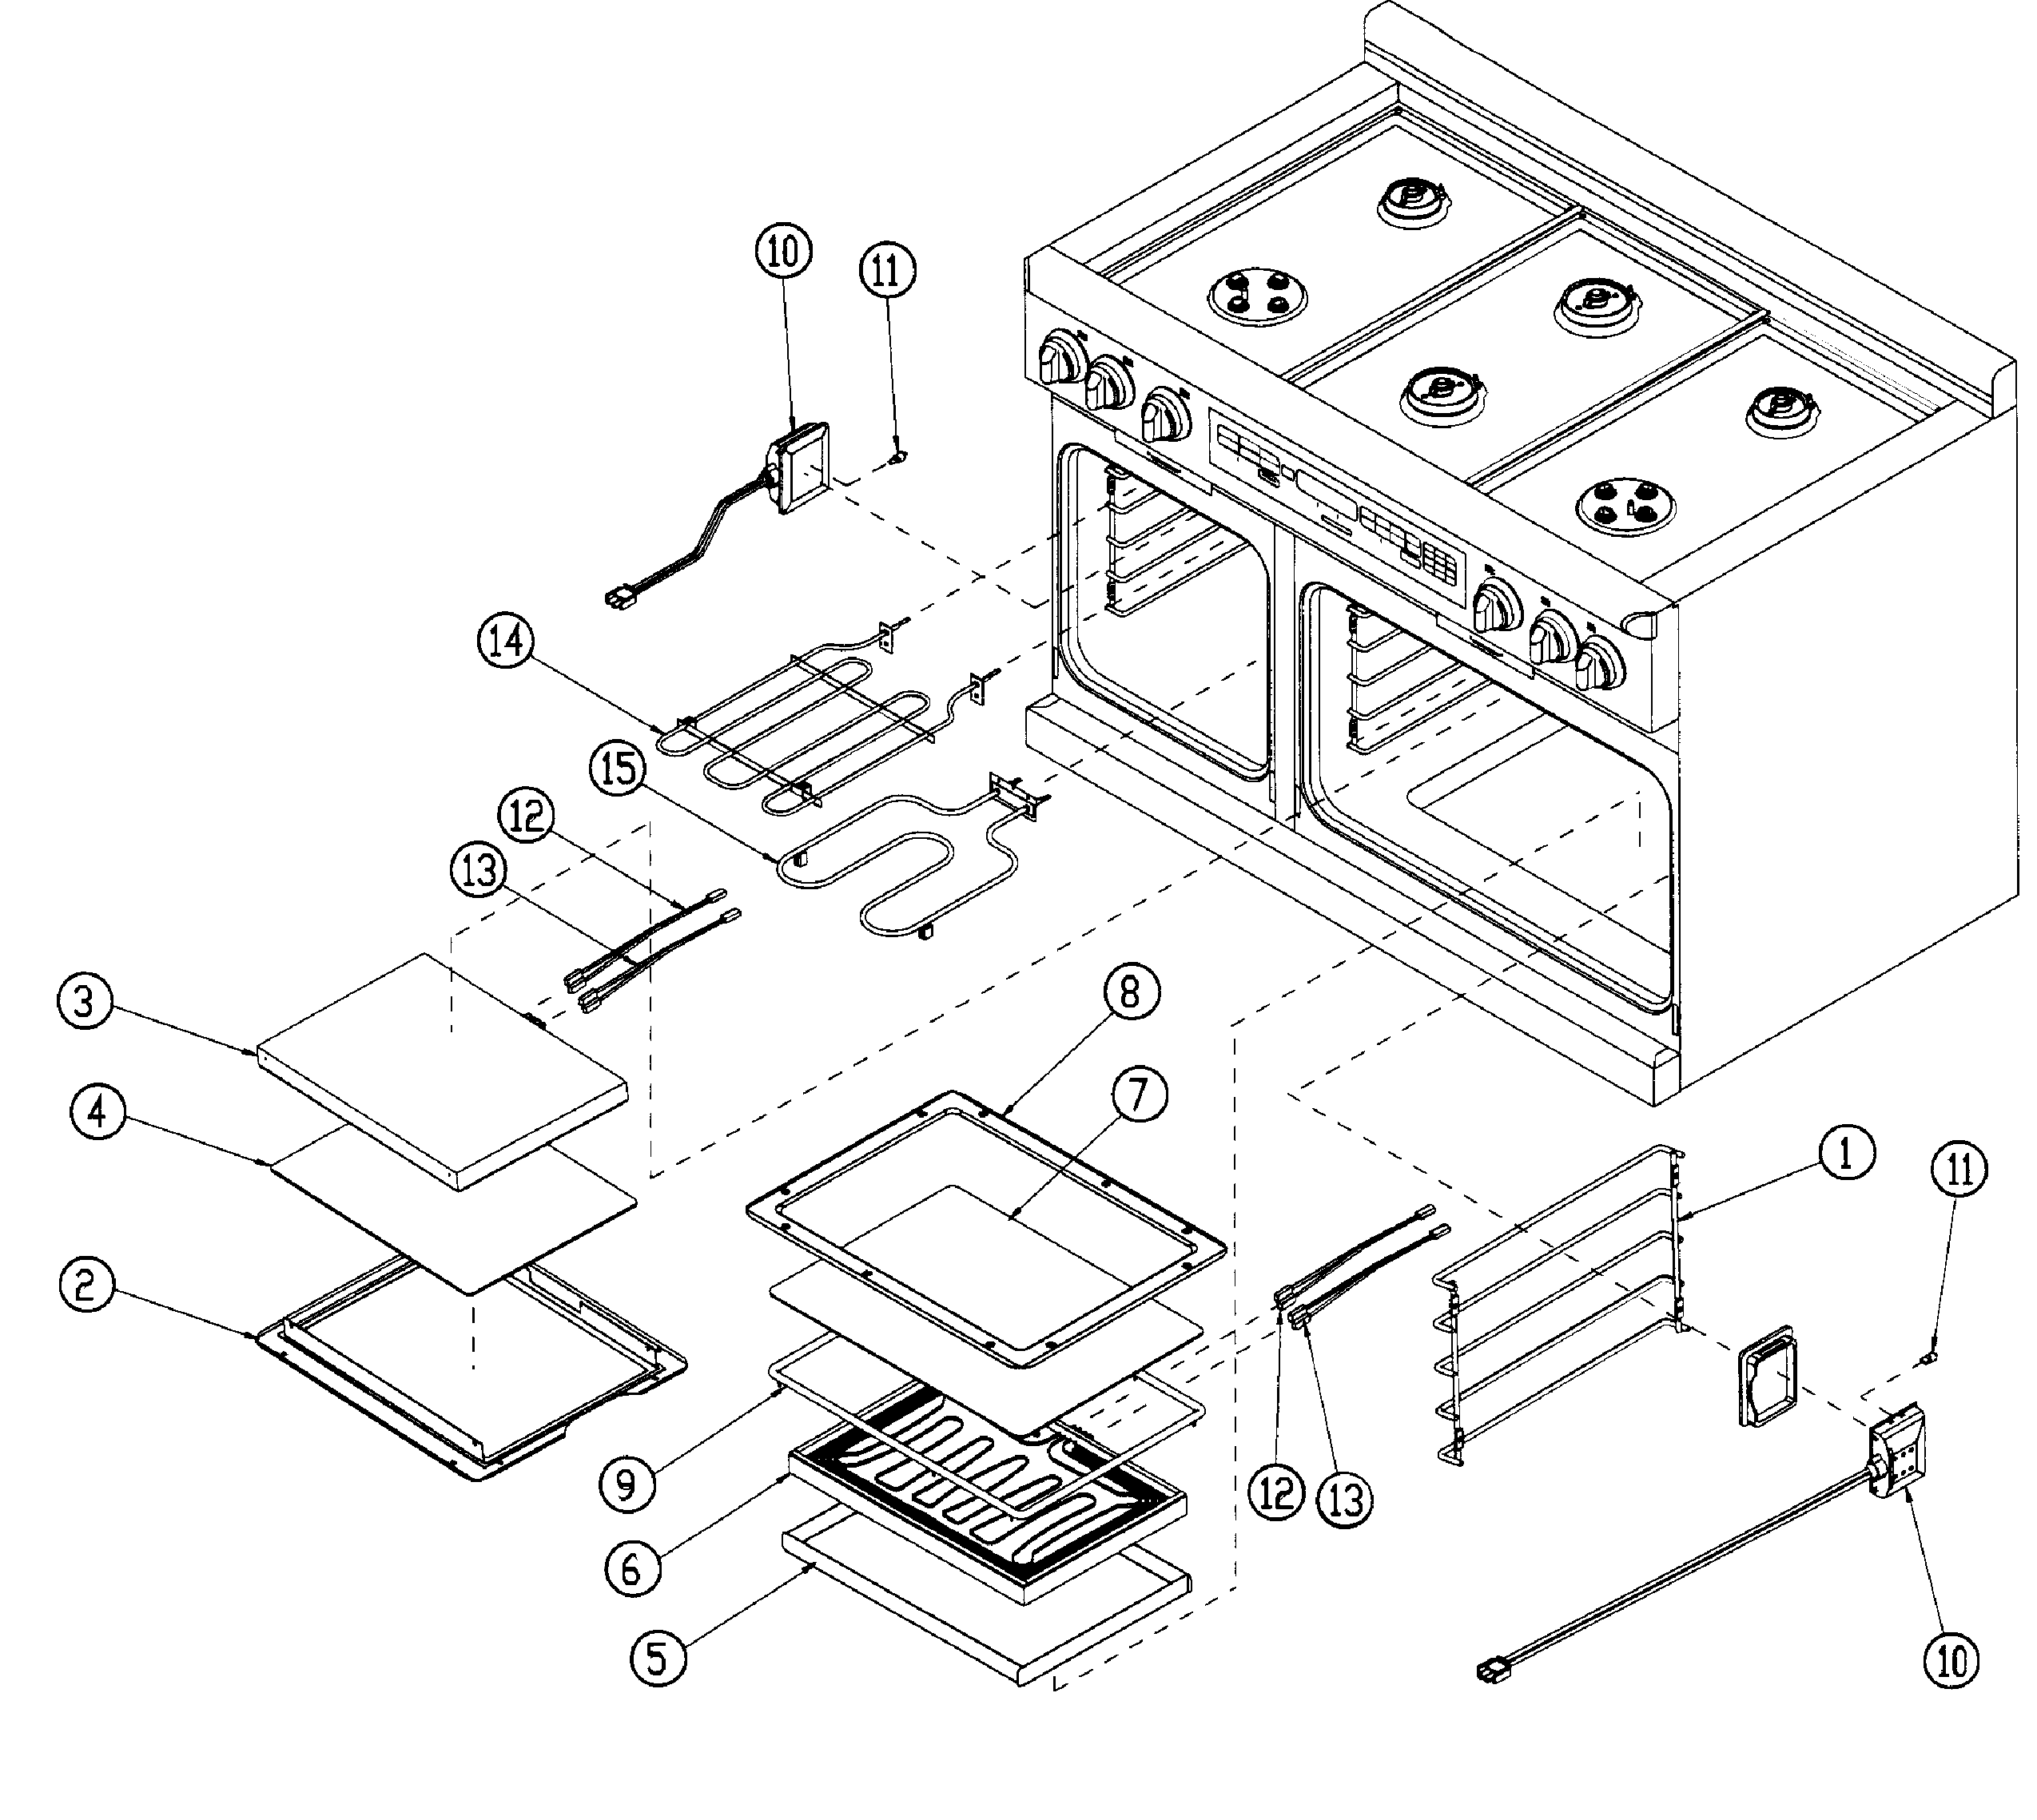 Dacor model ER48DSCHNG range, electric/gas genuine parts